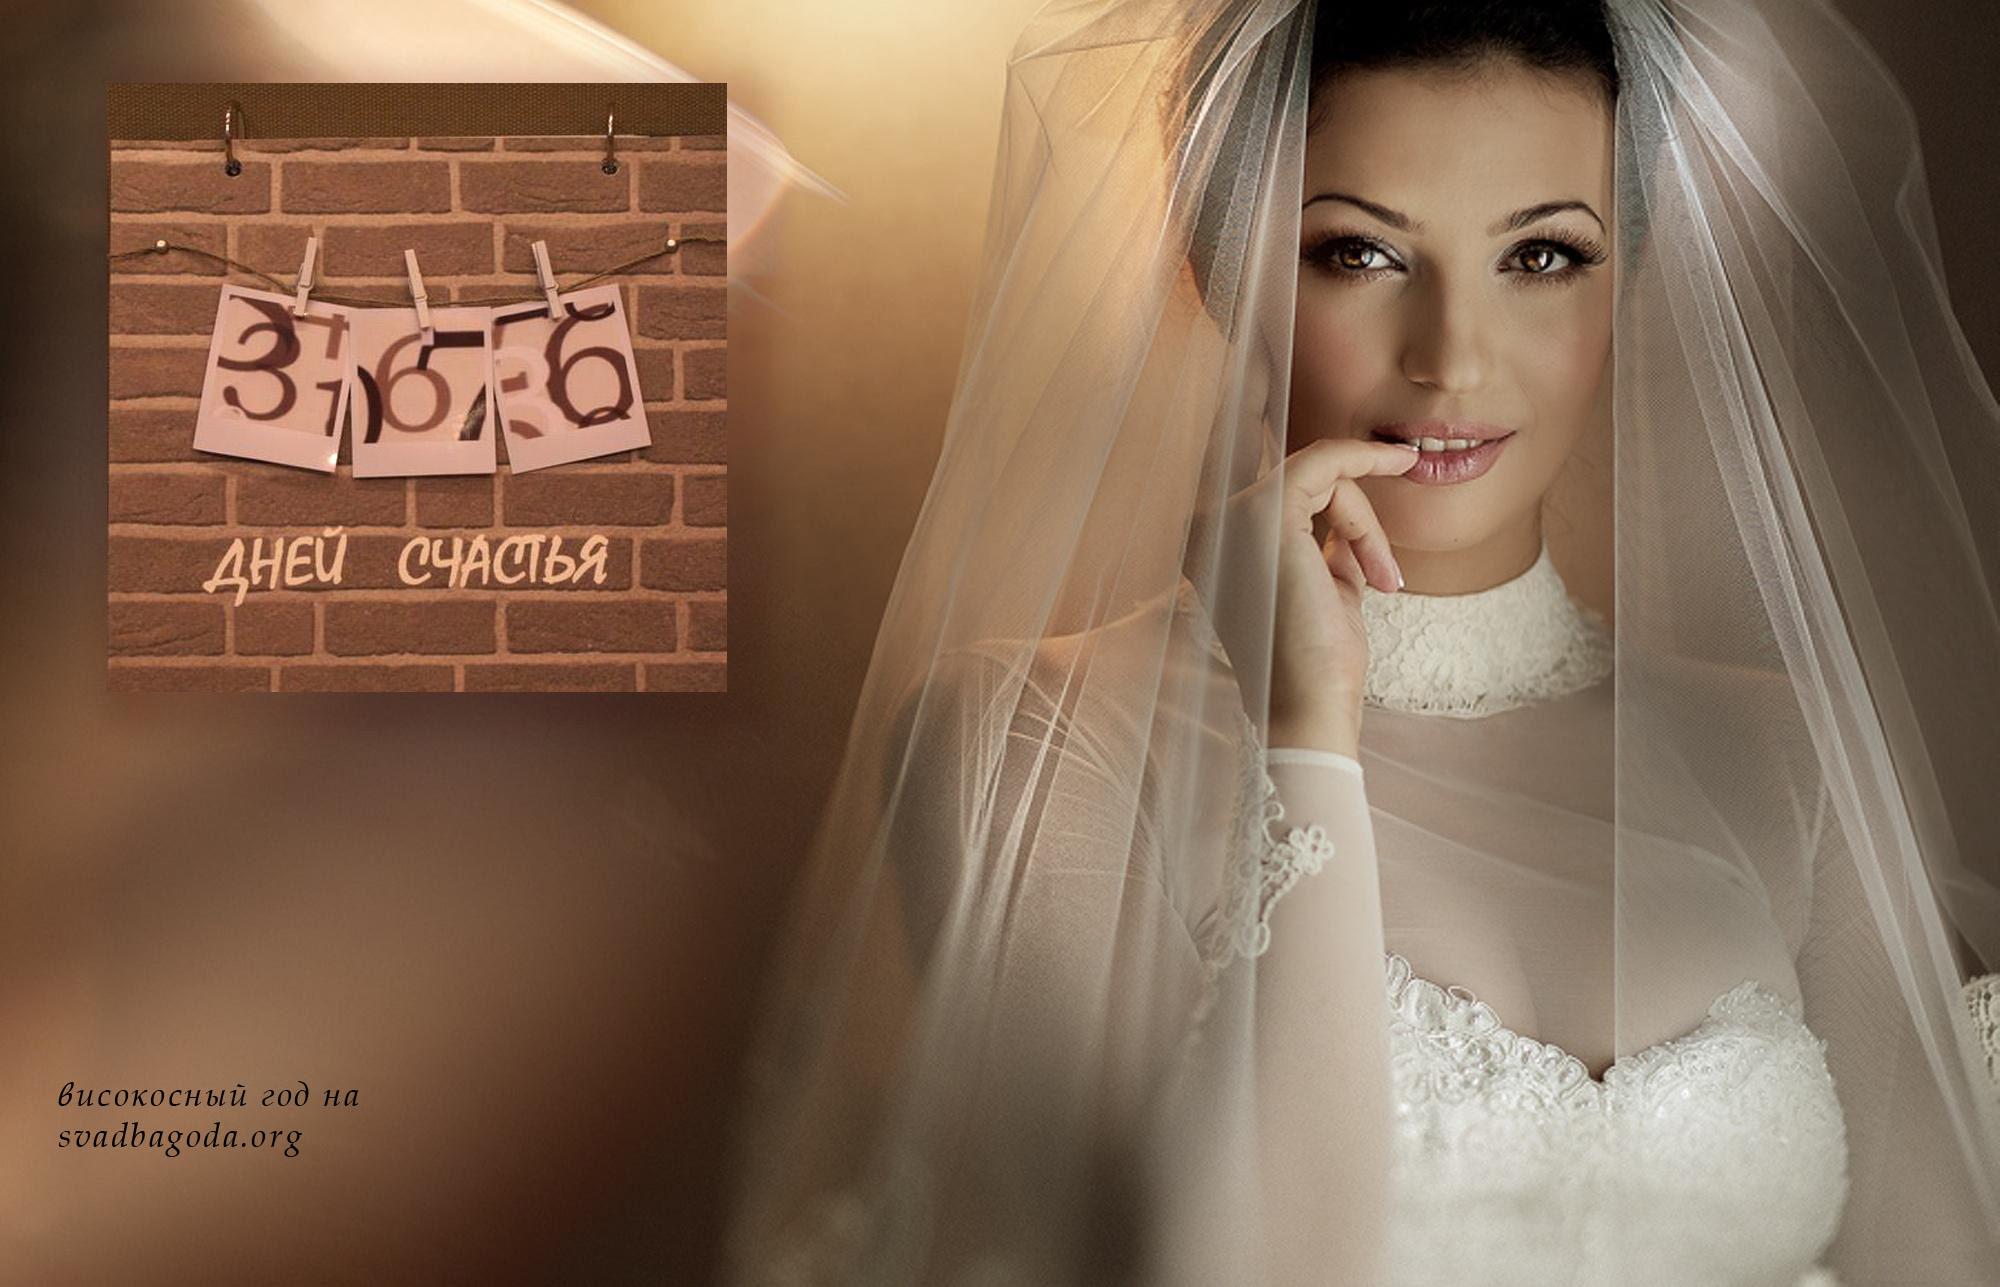 Високосный год и свадьба